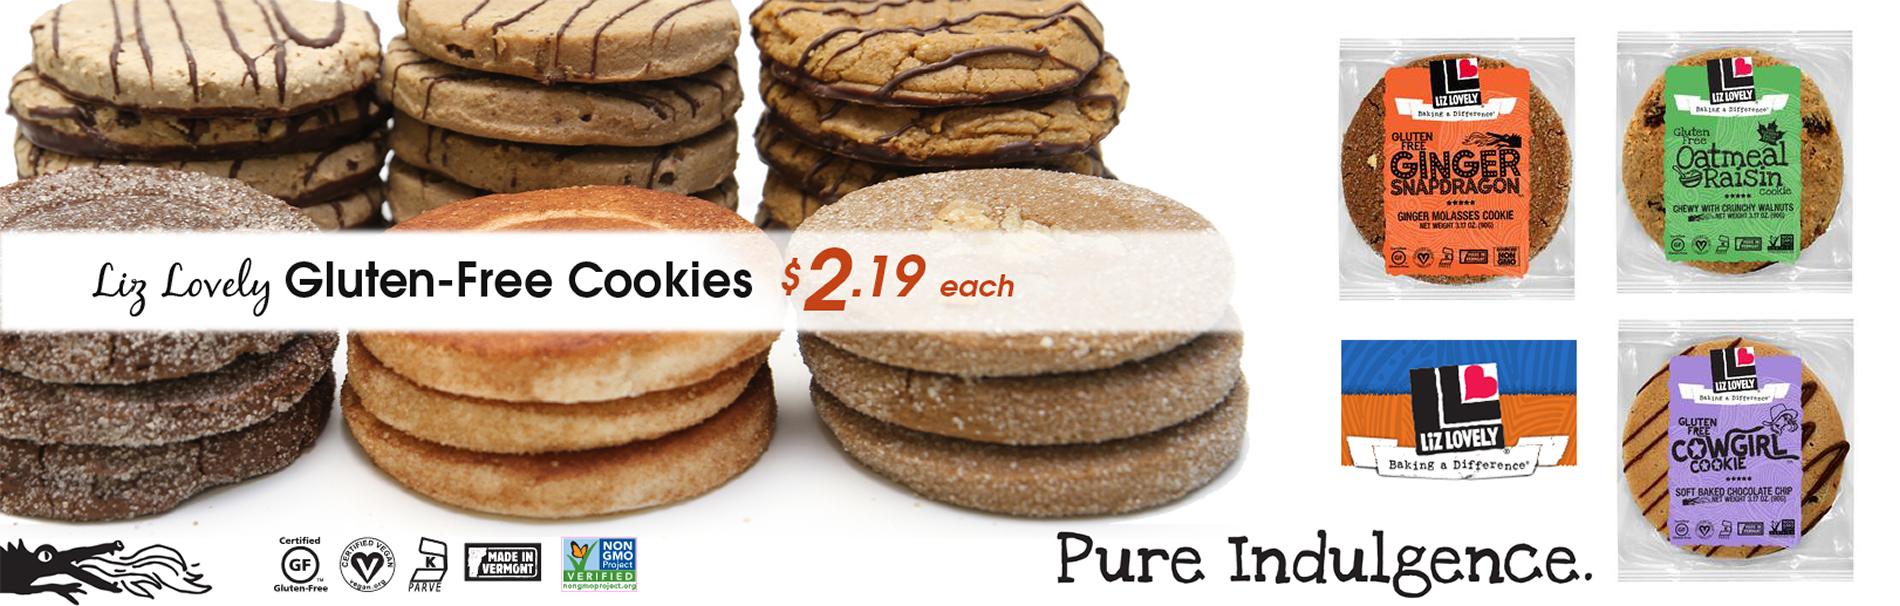 gluten_free_cookies_1900